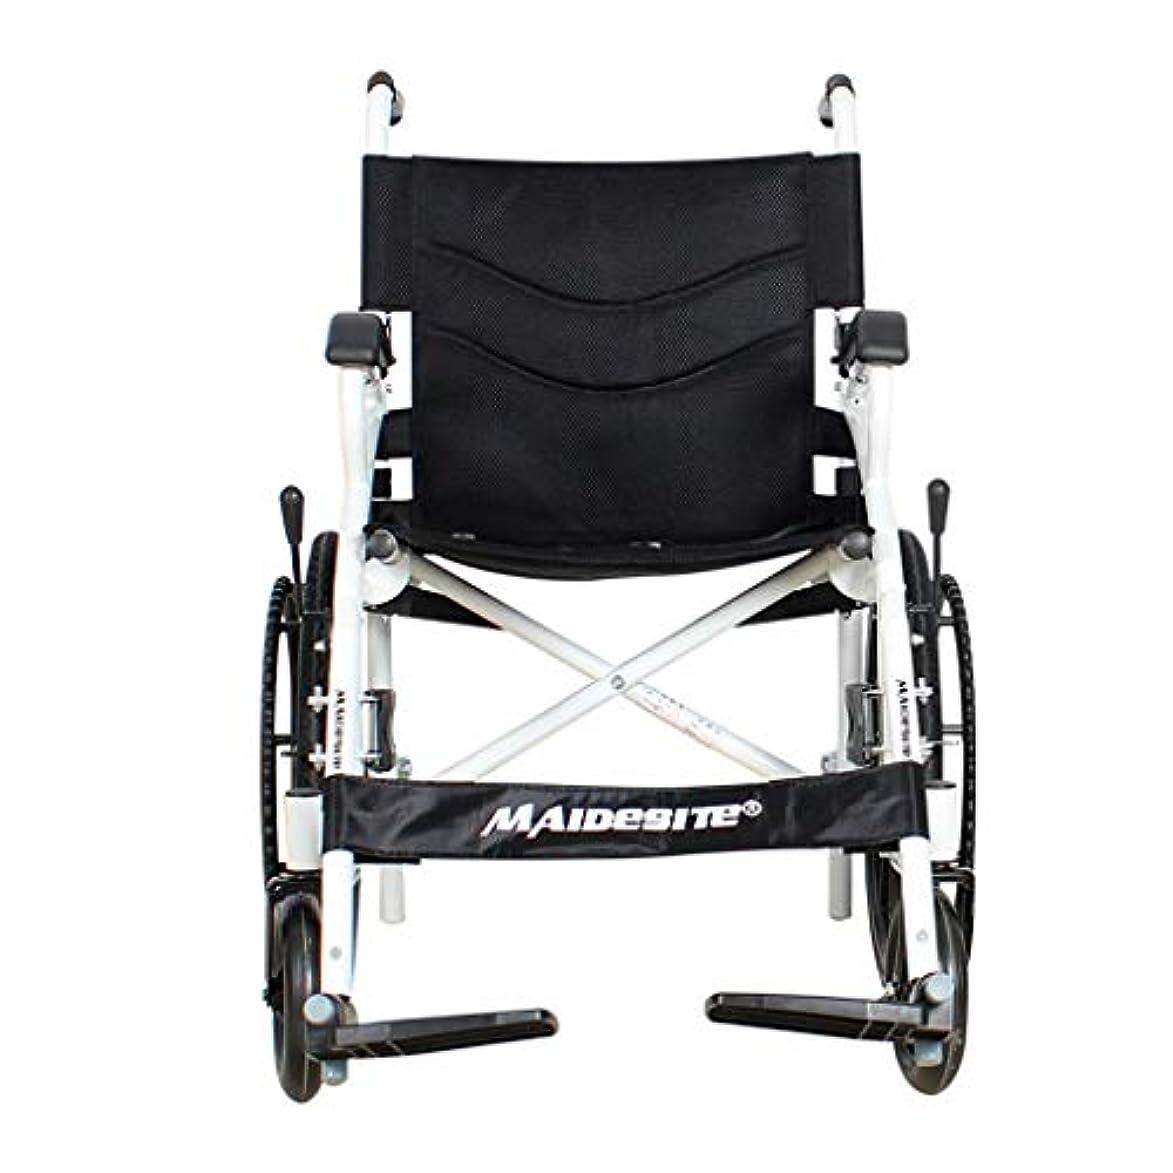 ひどいあなたが良くなります心理的に折り畳み式車椅子は、高齢者、身体障害者、および屋外旅行のリハビリテーション患者向けに簡単に保管できます。